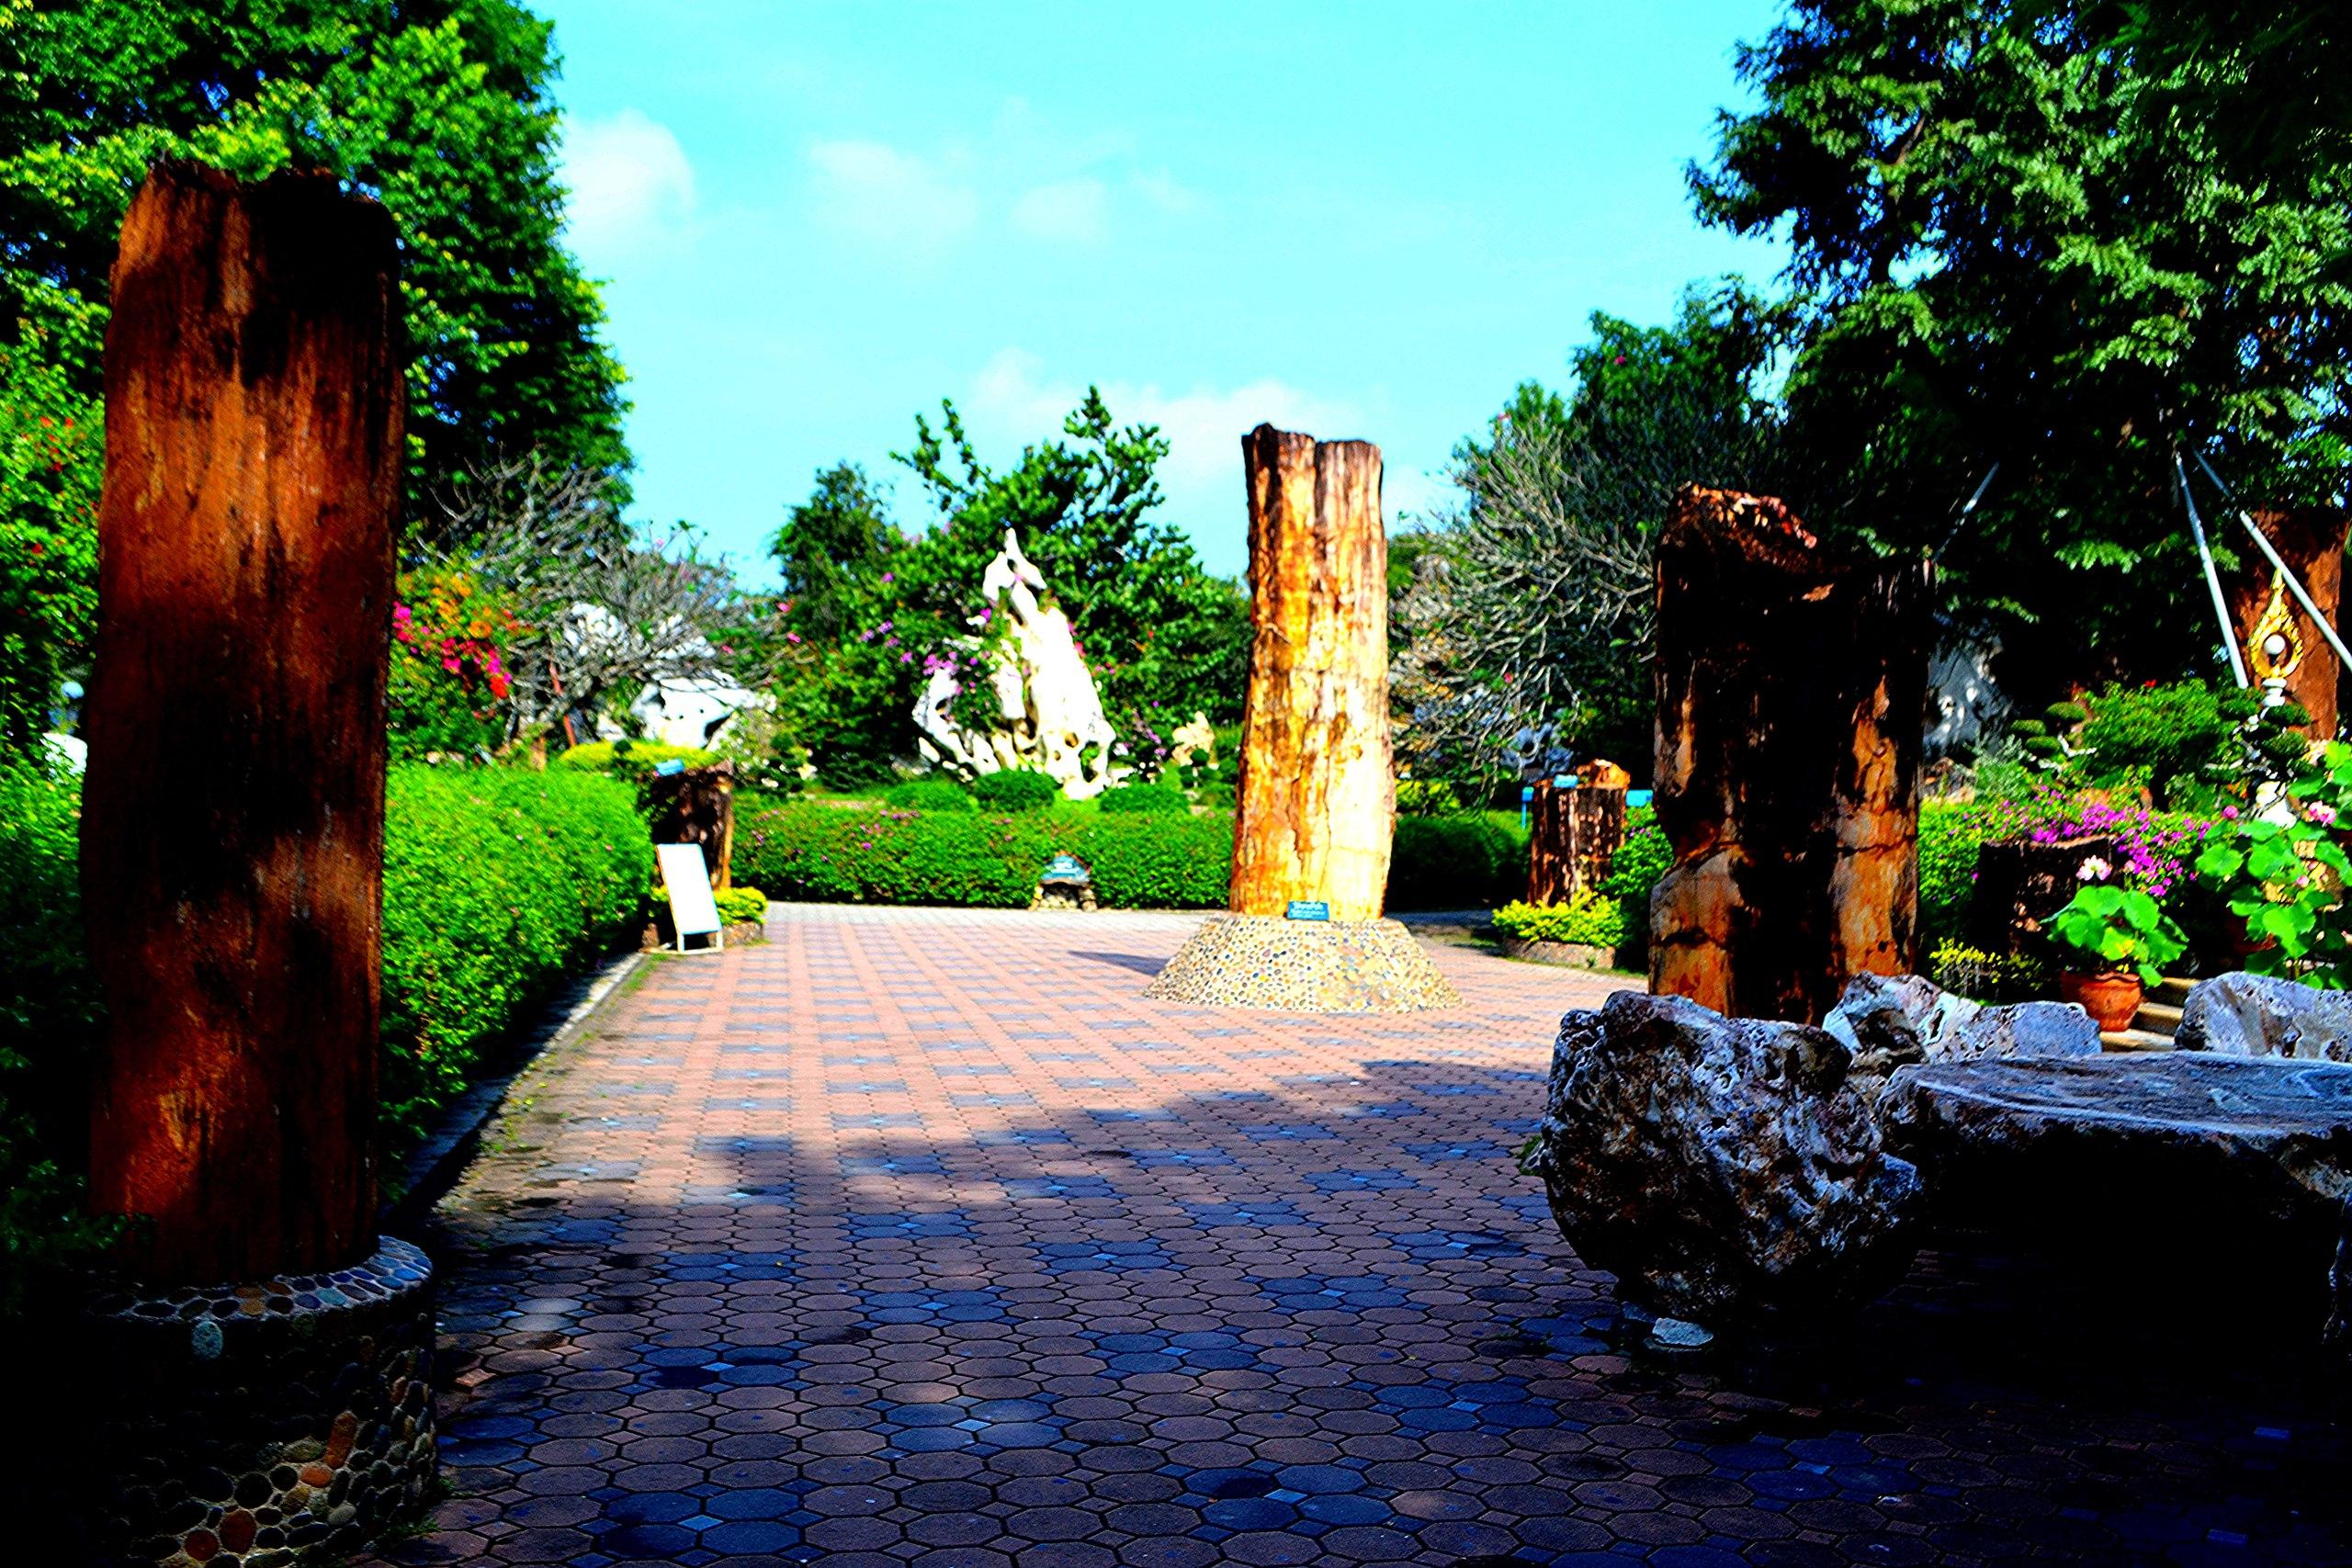 Елена Руденко ( Валтея ). Таиланд. Парк миллионолетних камней и крокодиловая ферма. V-gs_0Fmkts